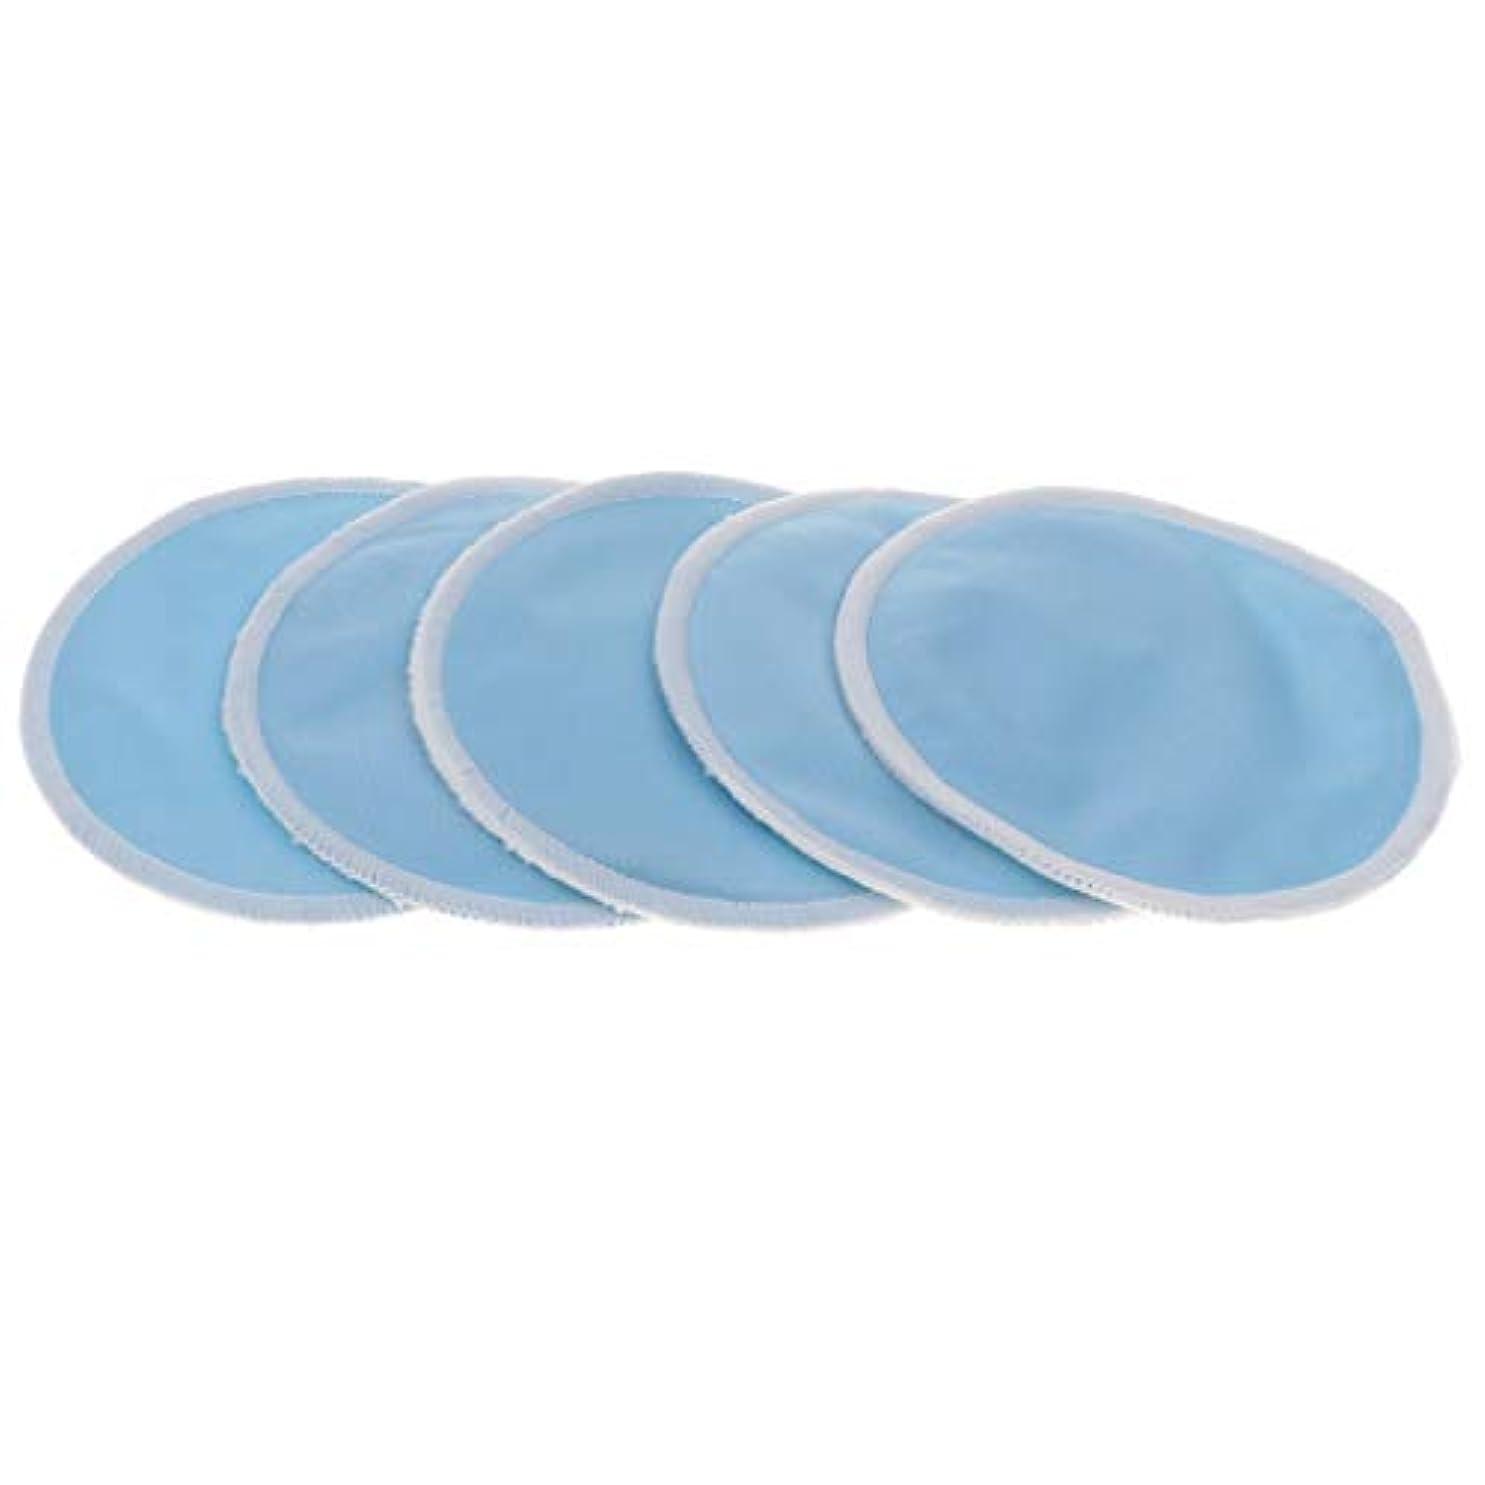 突進分散着服胸パッド クレンジングシート メイクアップ 竹繊維 円形 12cm 洗濯可能 再使用可 5個 全5色 - 青